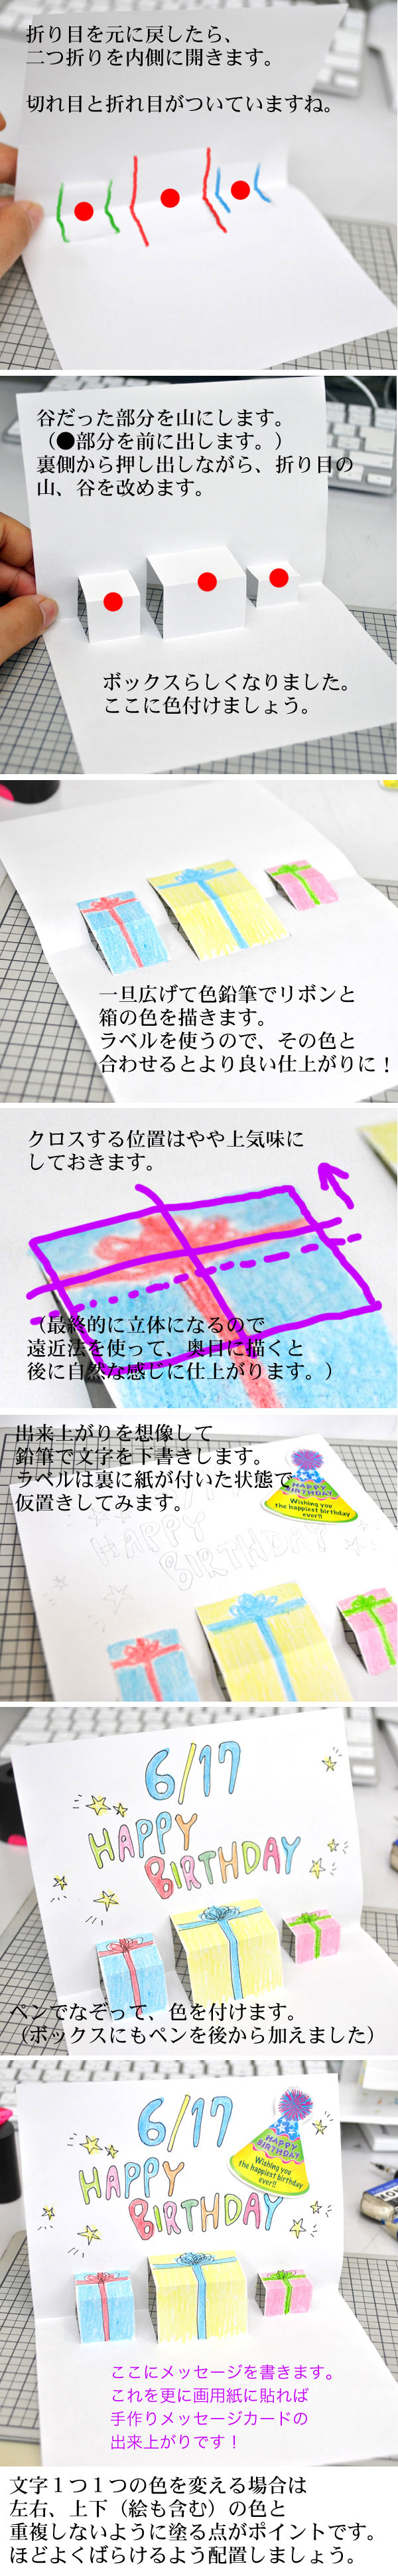 手作りバースデーカード_d0225198_10344516.jpg